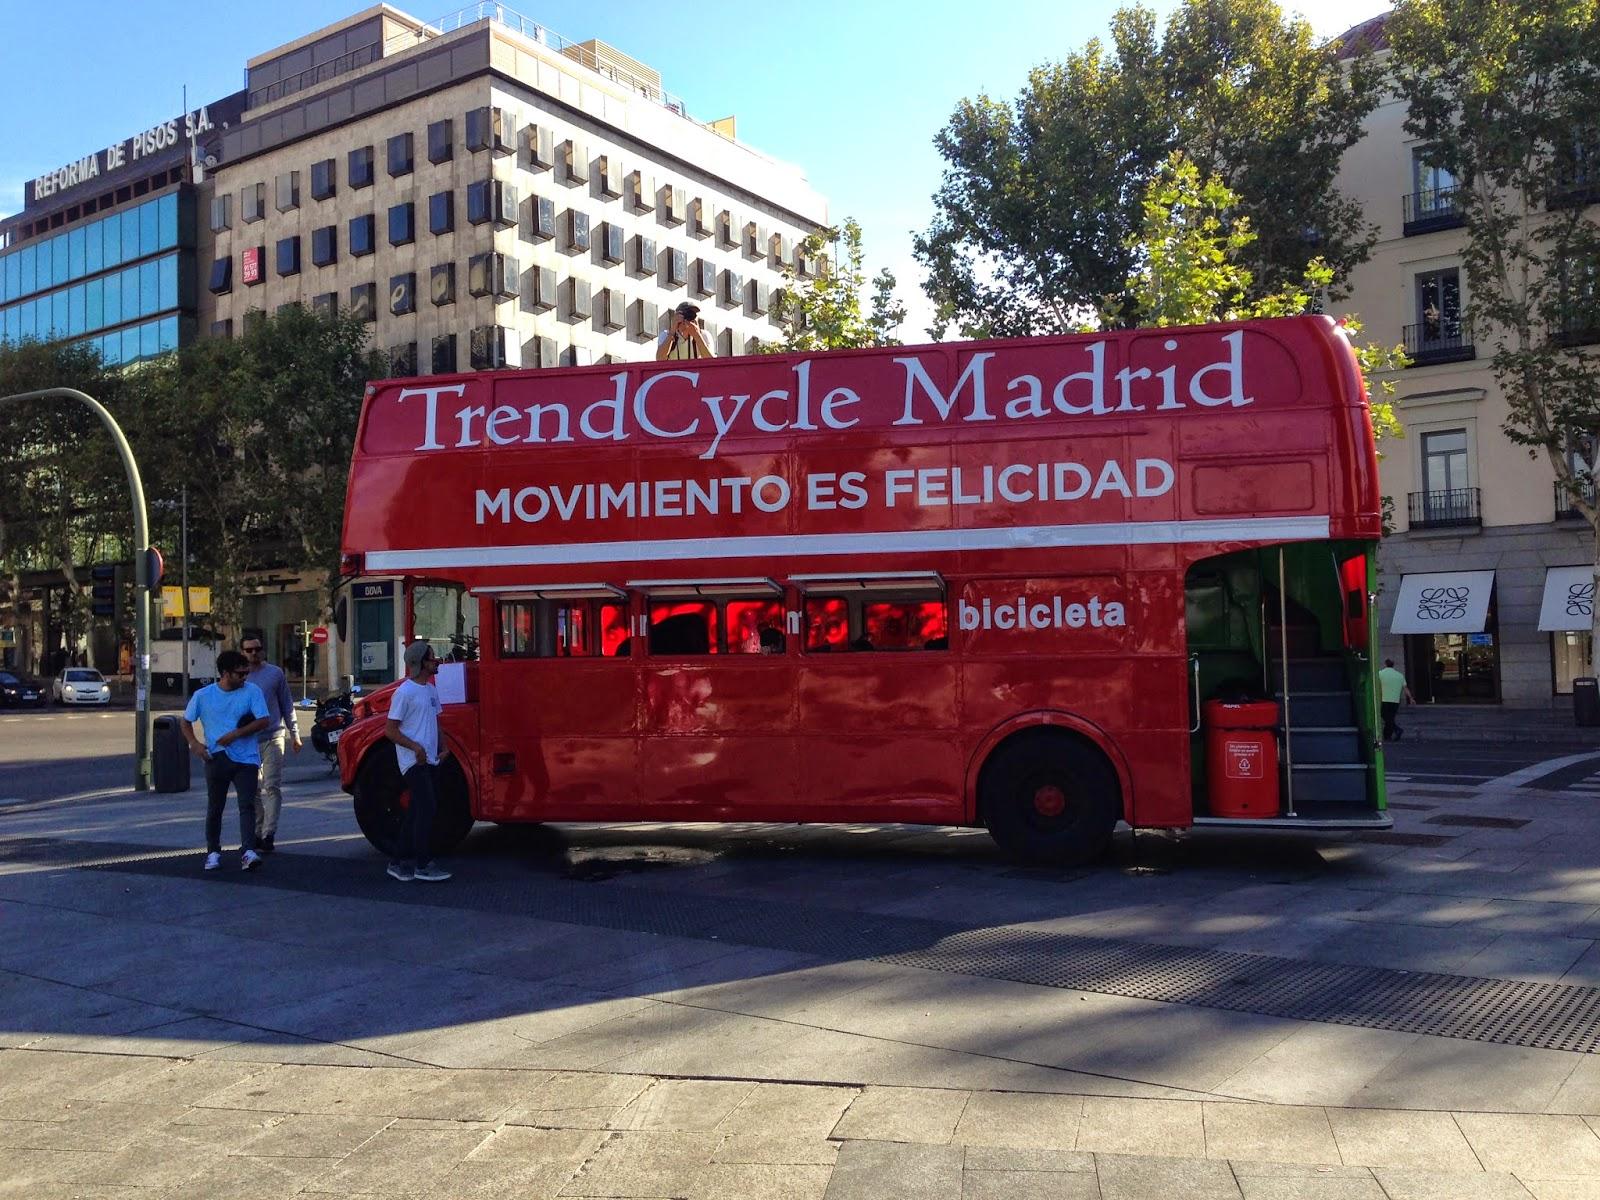 Autobús de prensa de TrendCycle Madrid 2014 - Foto: Amaya Barriuso